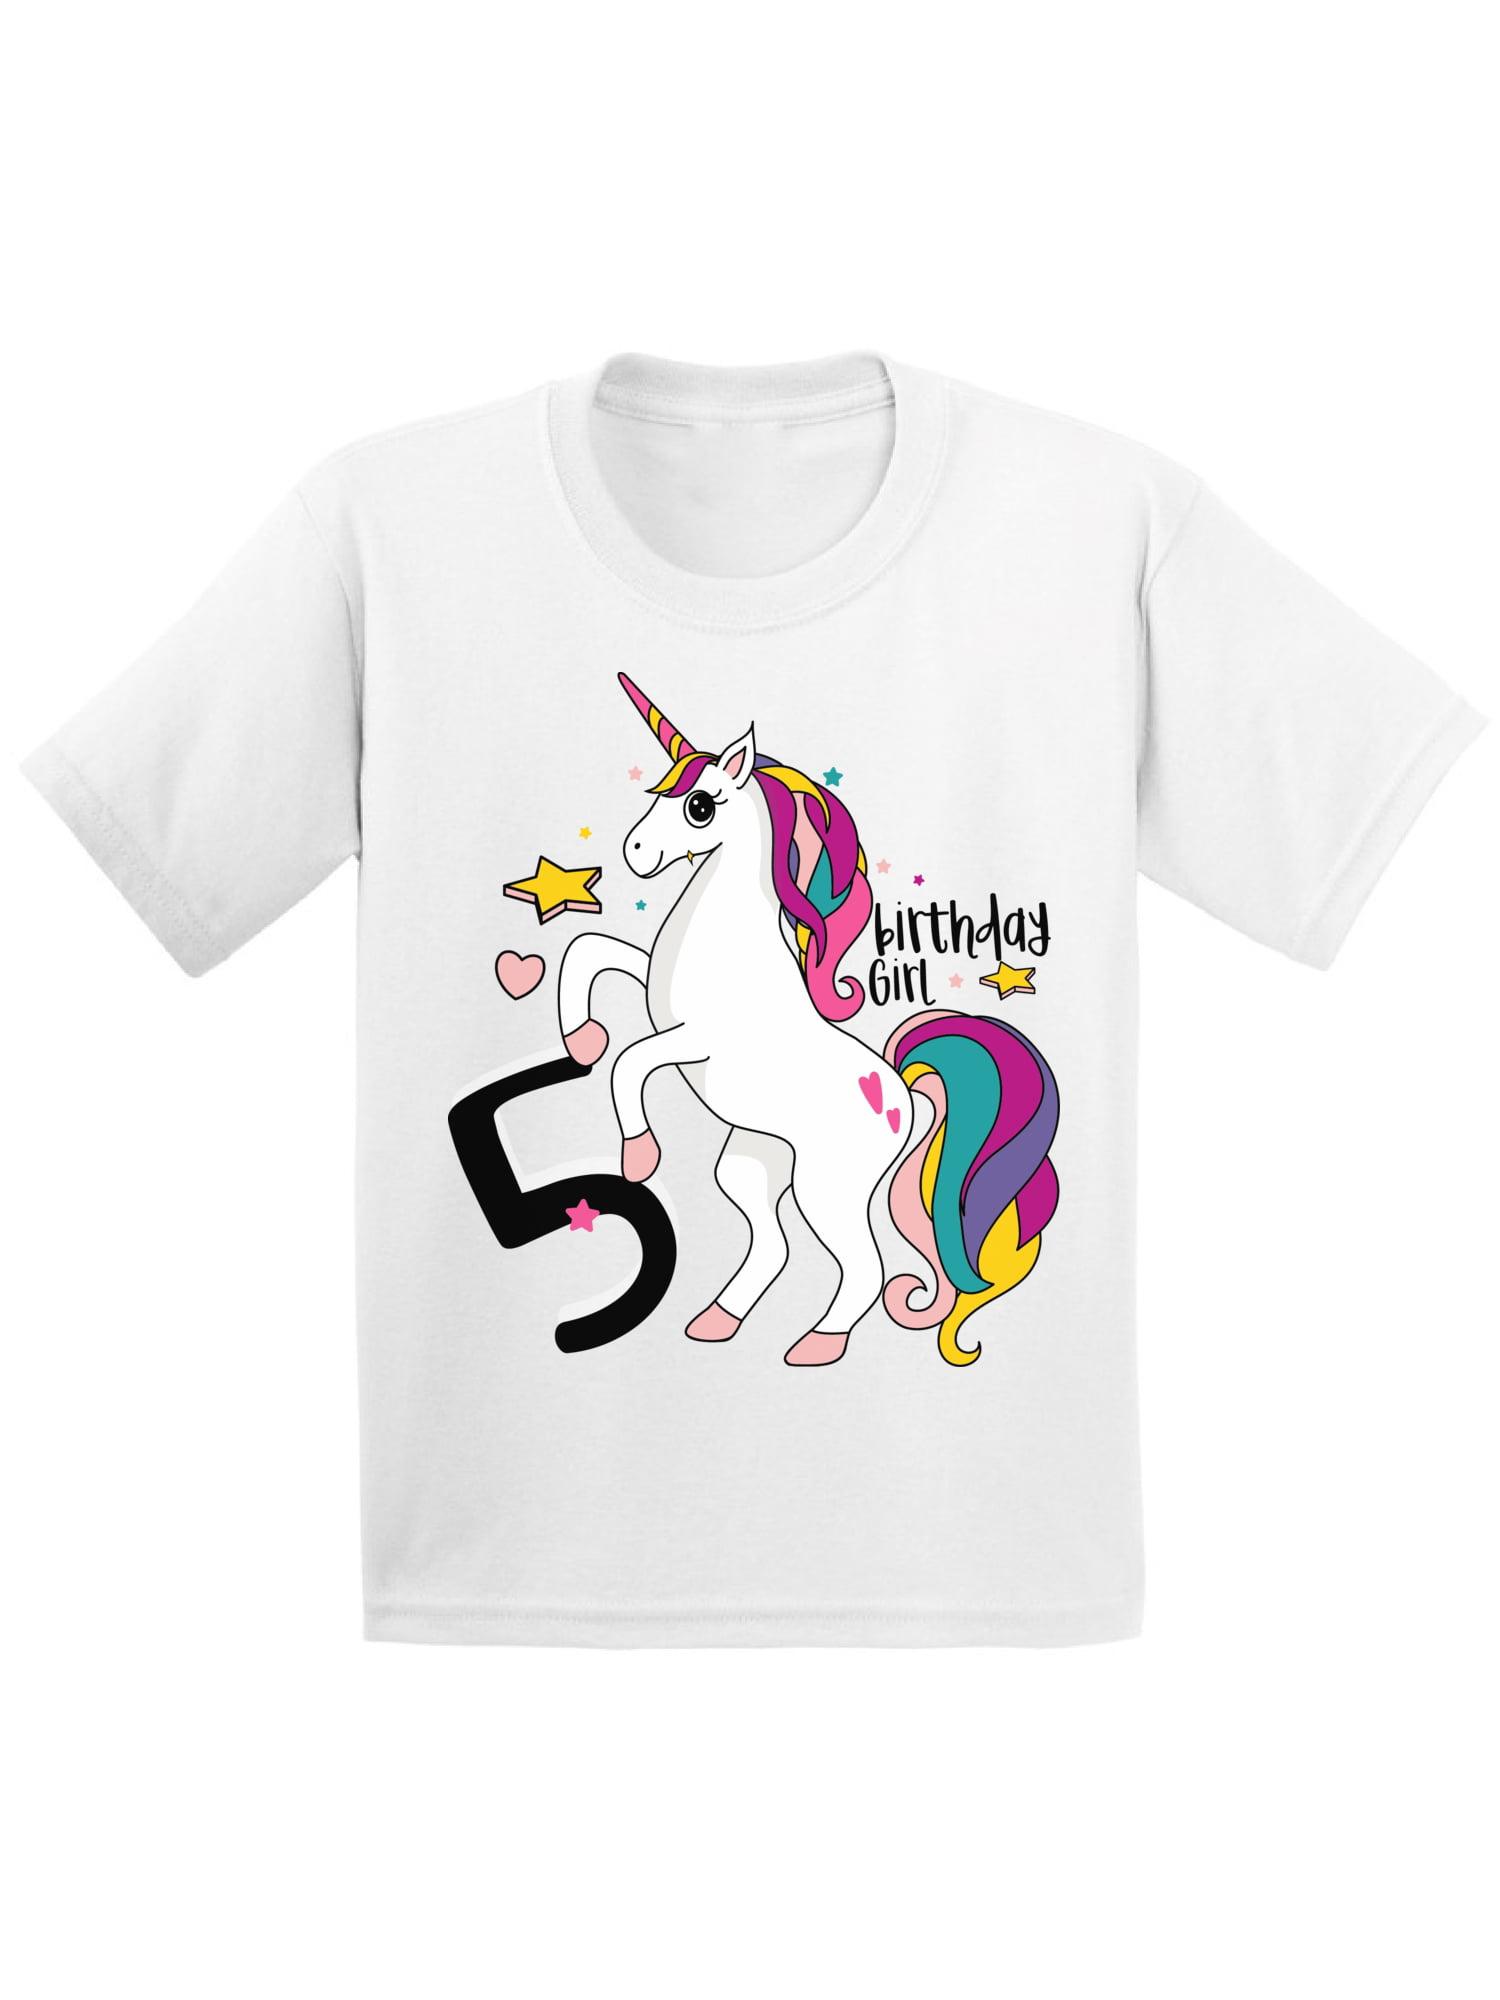 Rainbow Baby Shirt: Awkward Styles Birthday Girl Youth Shirt